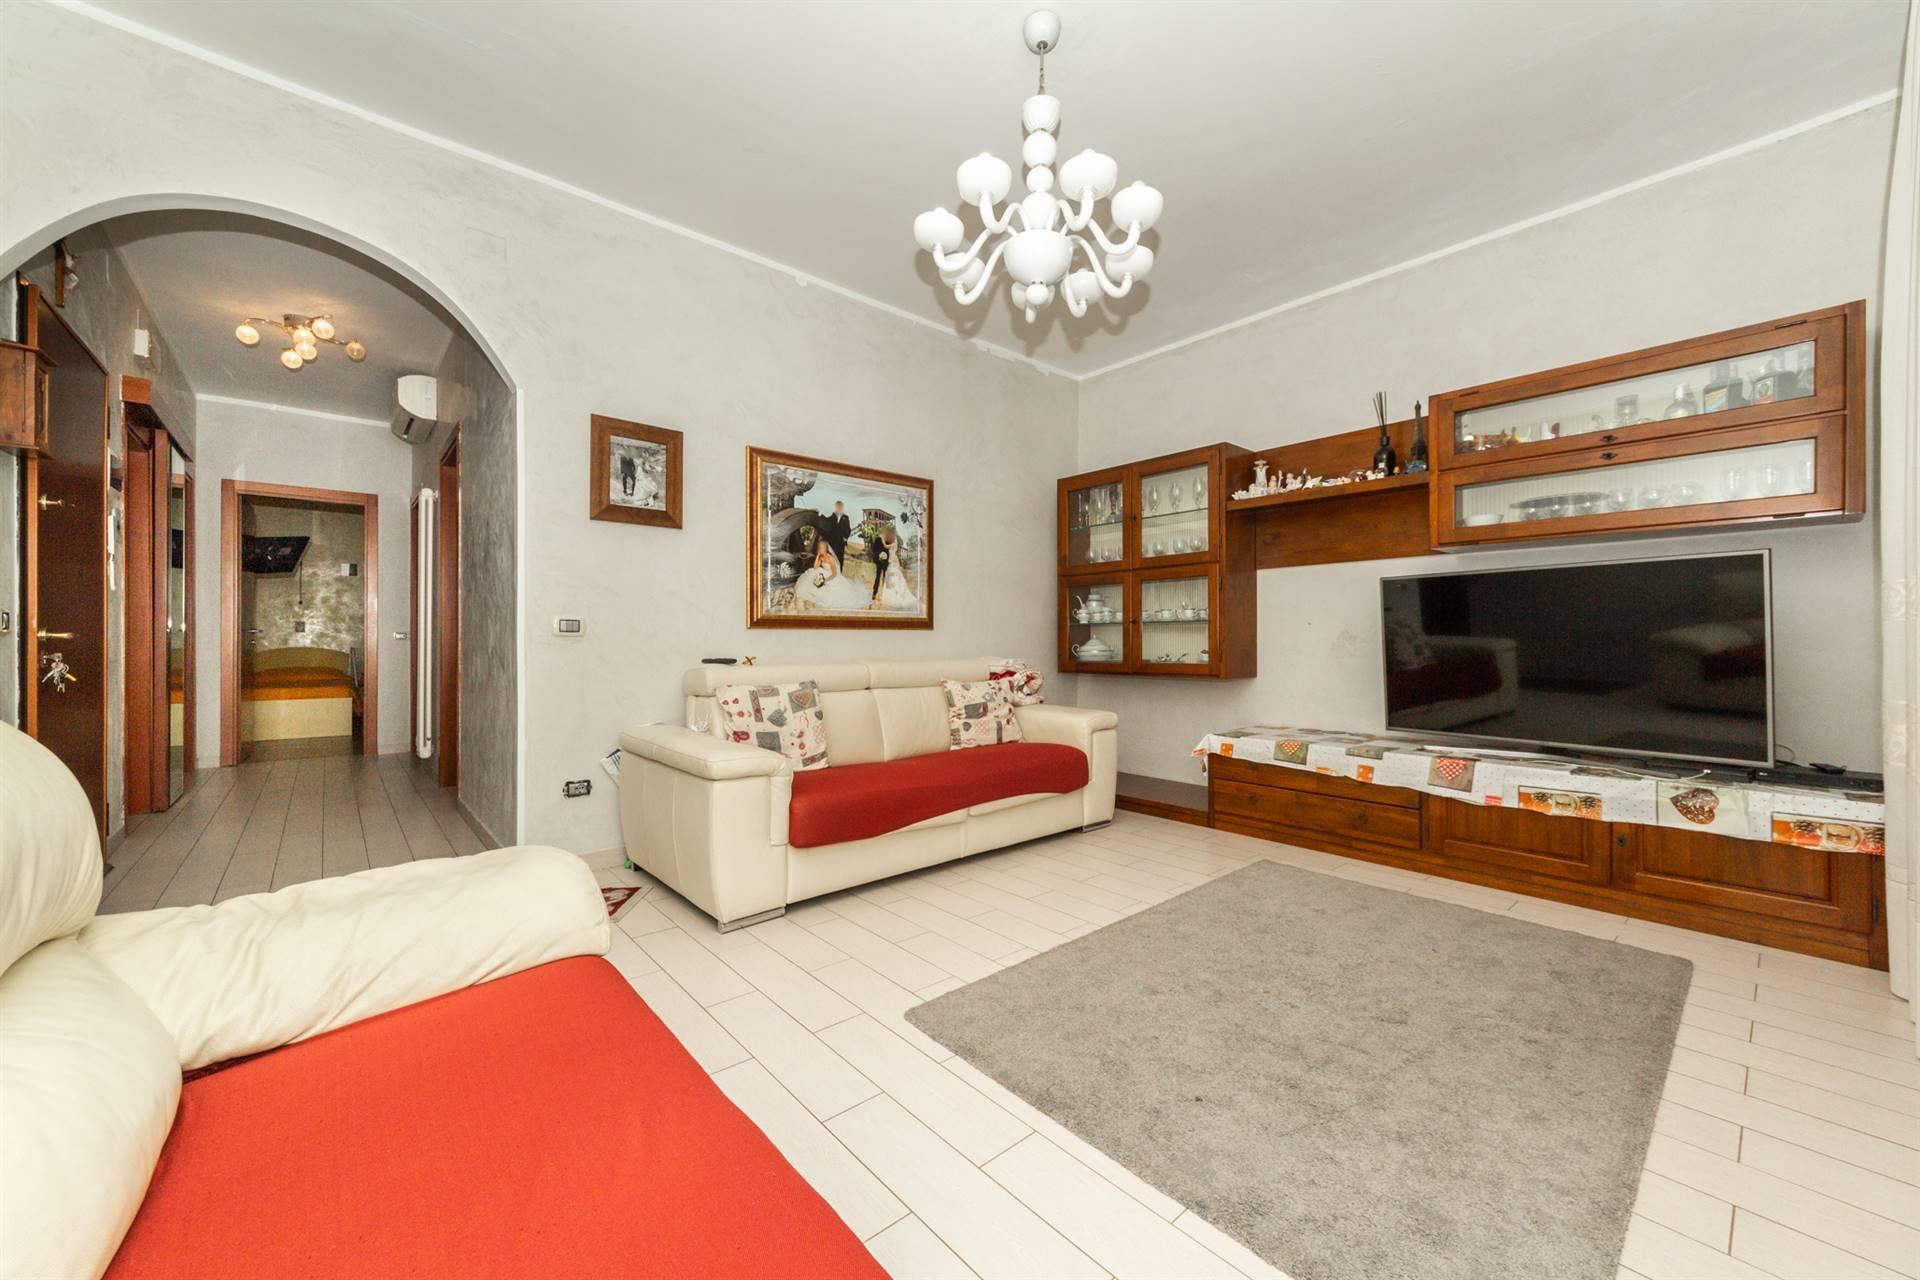 CARPENEDO CÀ ROSSA, VENEZIA, Квартира на продажу, После ремонта, Отопление Независимое, на земле 2° на 4, состоит из: 4.5 Помещения, Отдельная кухня,